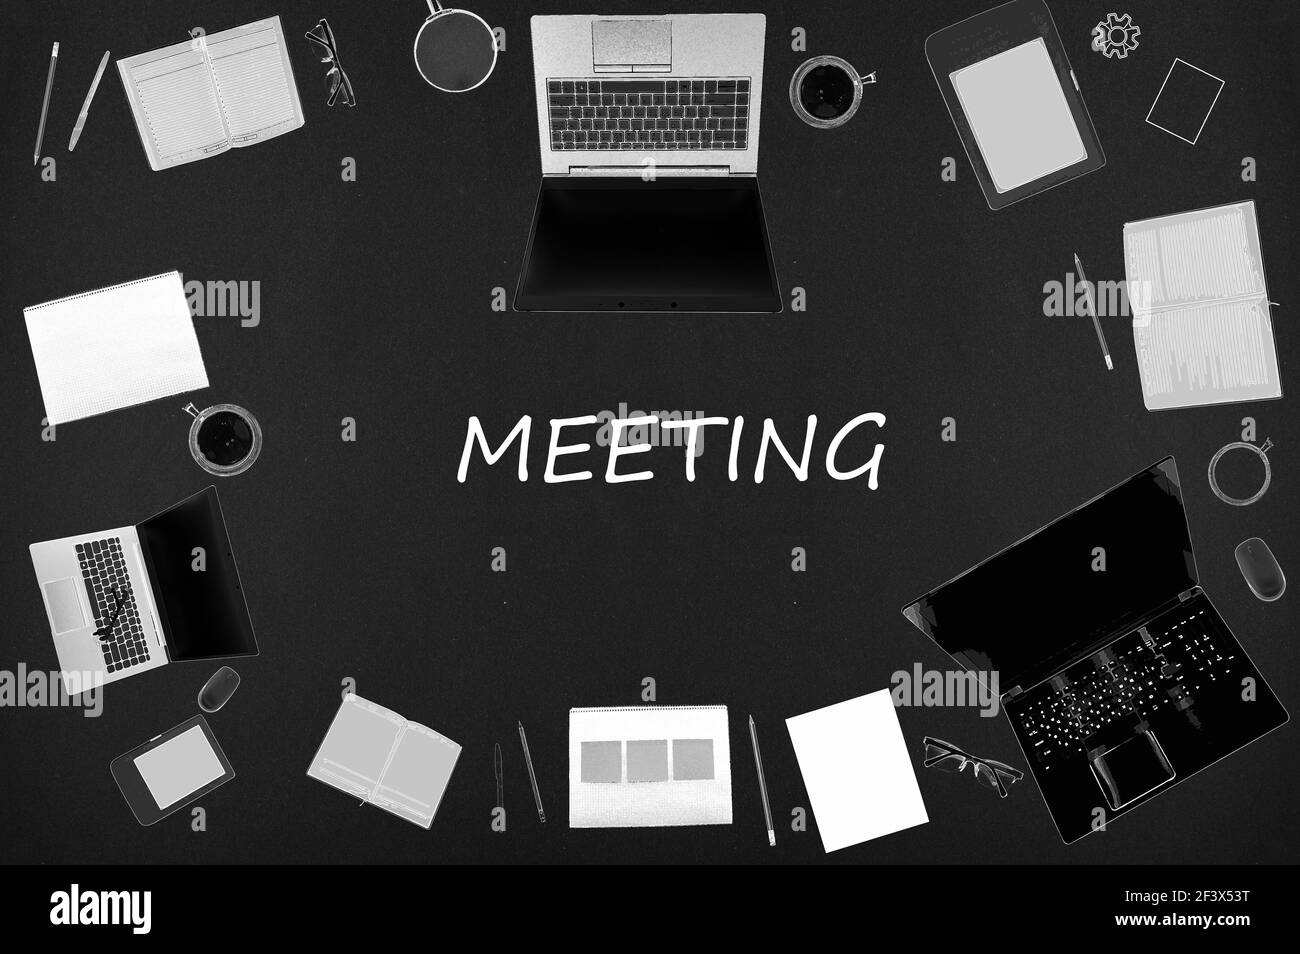 Concept de réunion. Mise en page supérieure de dessins d'ordinateurs portables, de blocs-notes, de café, de différentes affaires sur fond noir. Banque D'Images